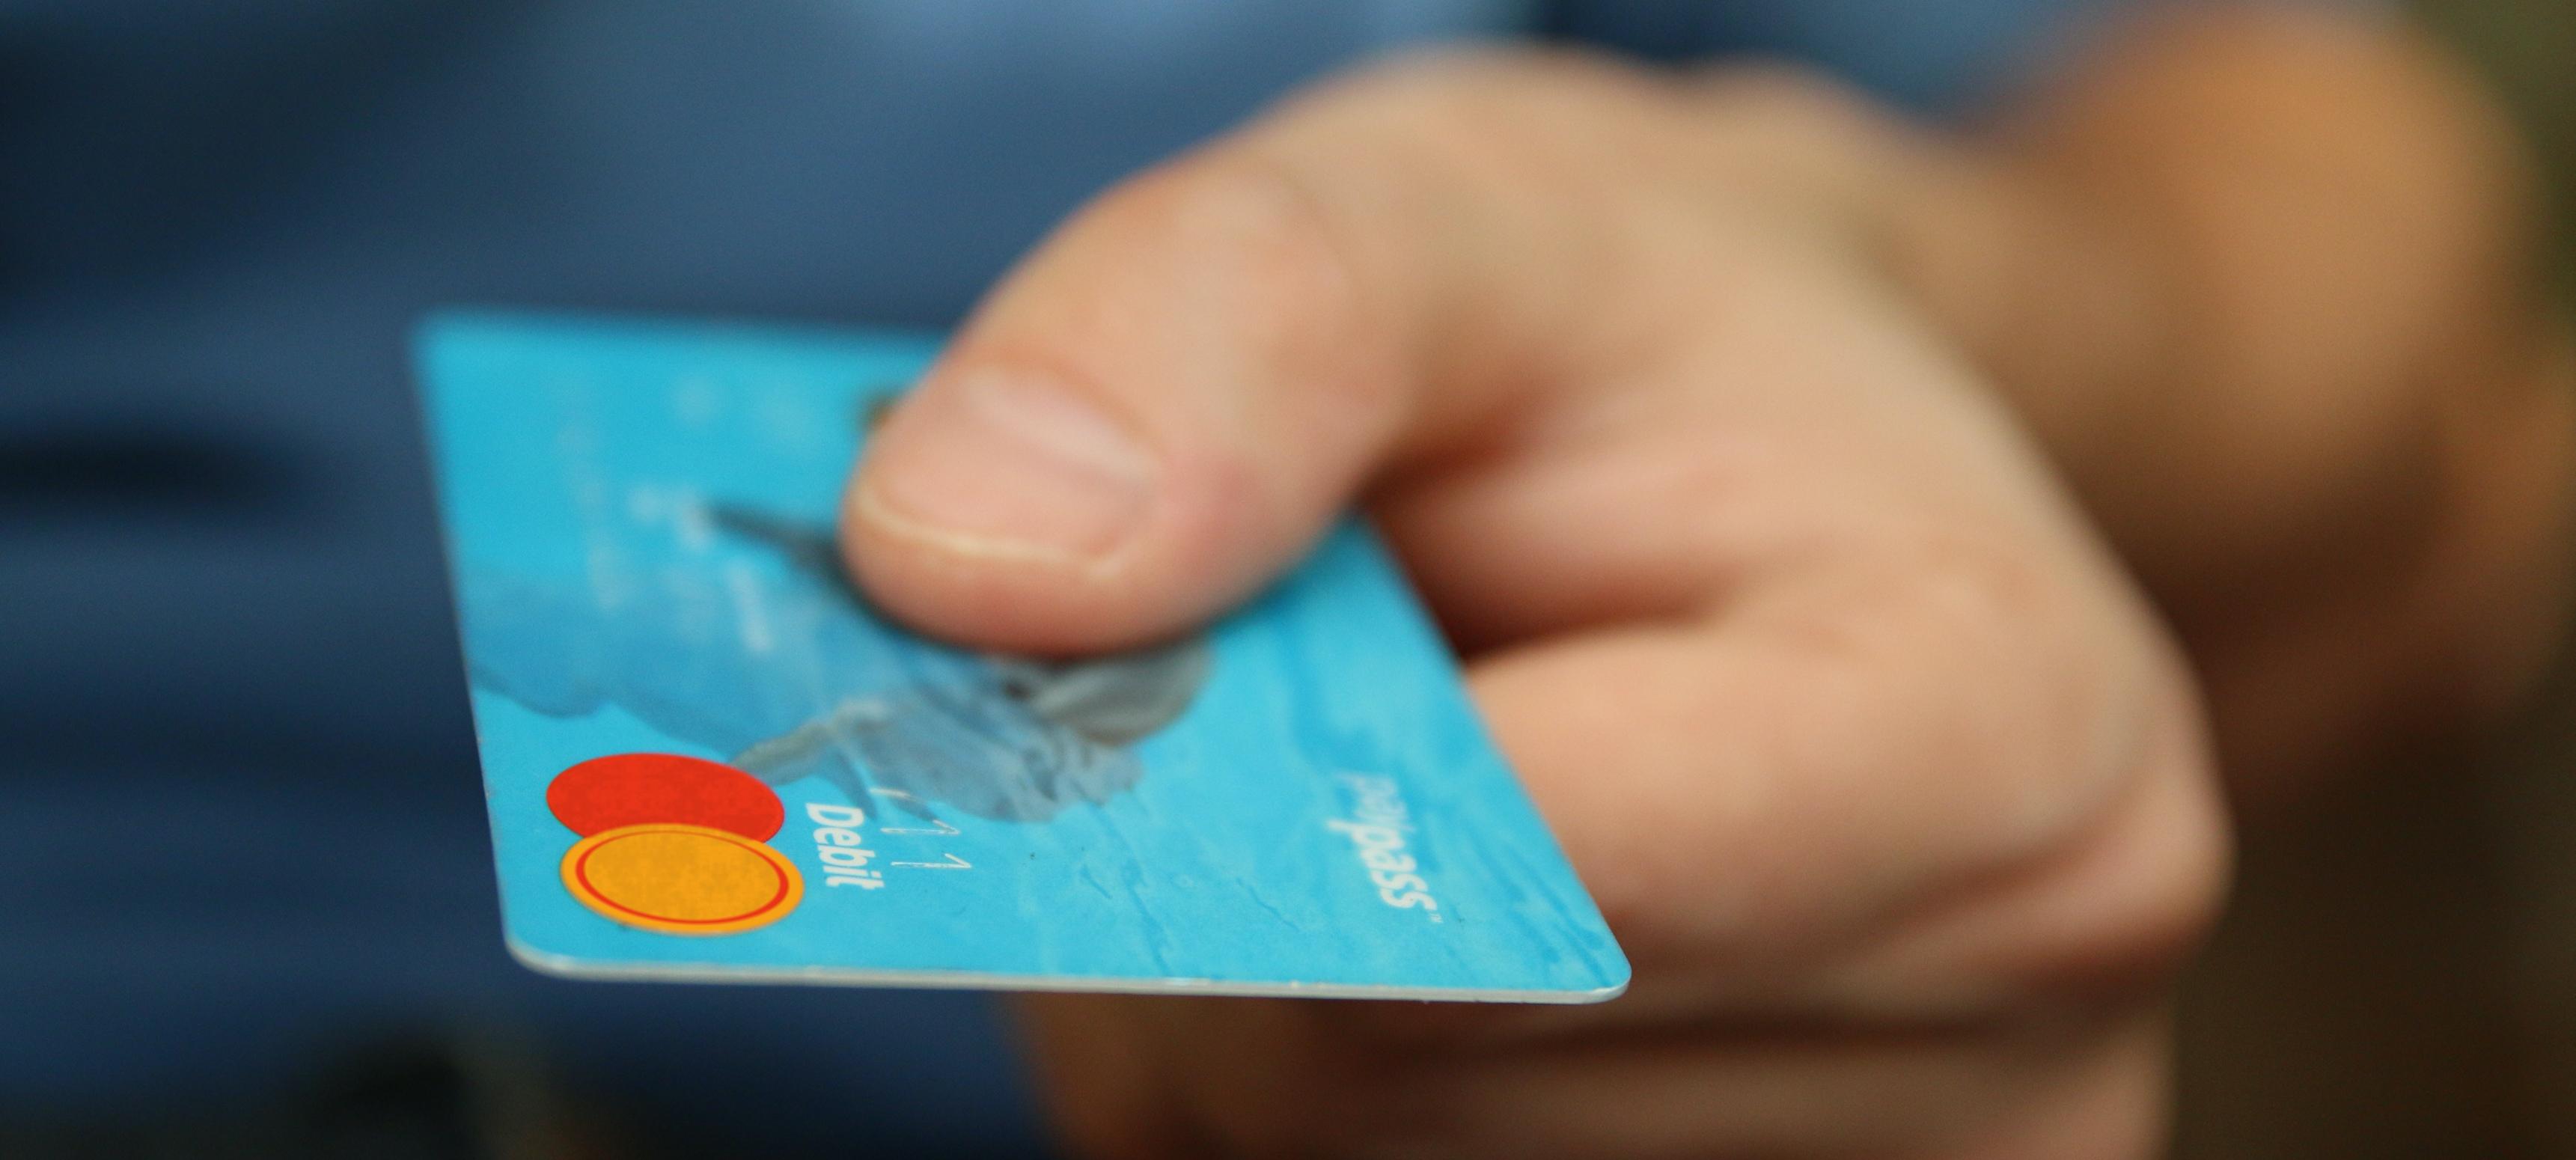 Obbligo di tracciabilità dei pagamenti: le novità del 2020